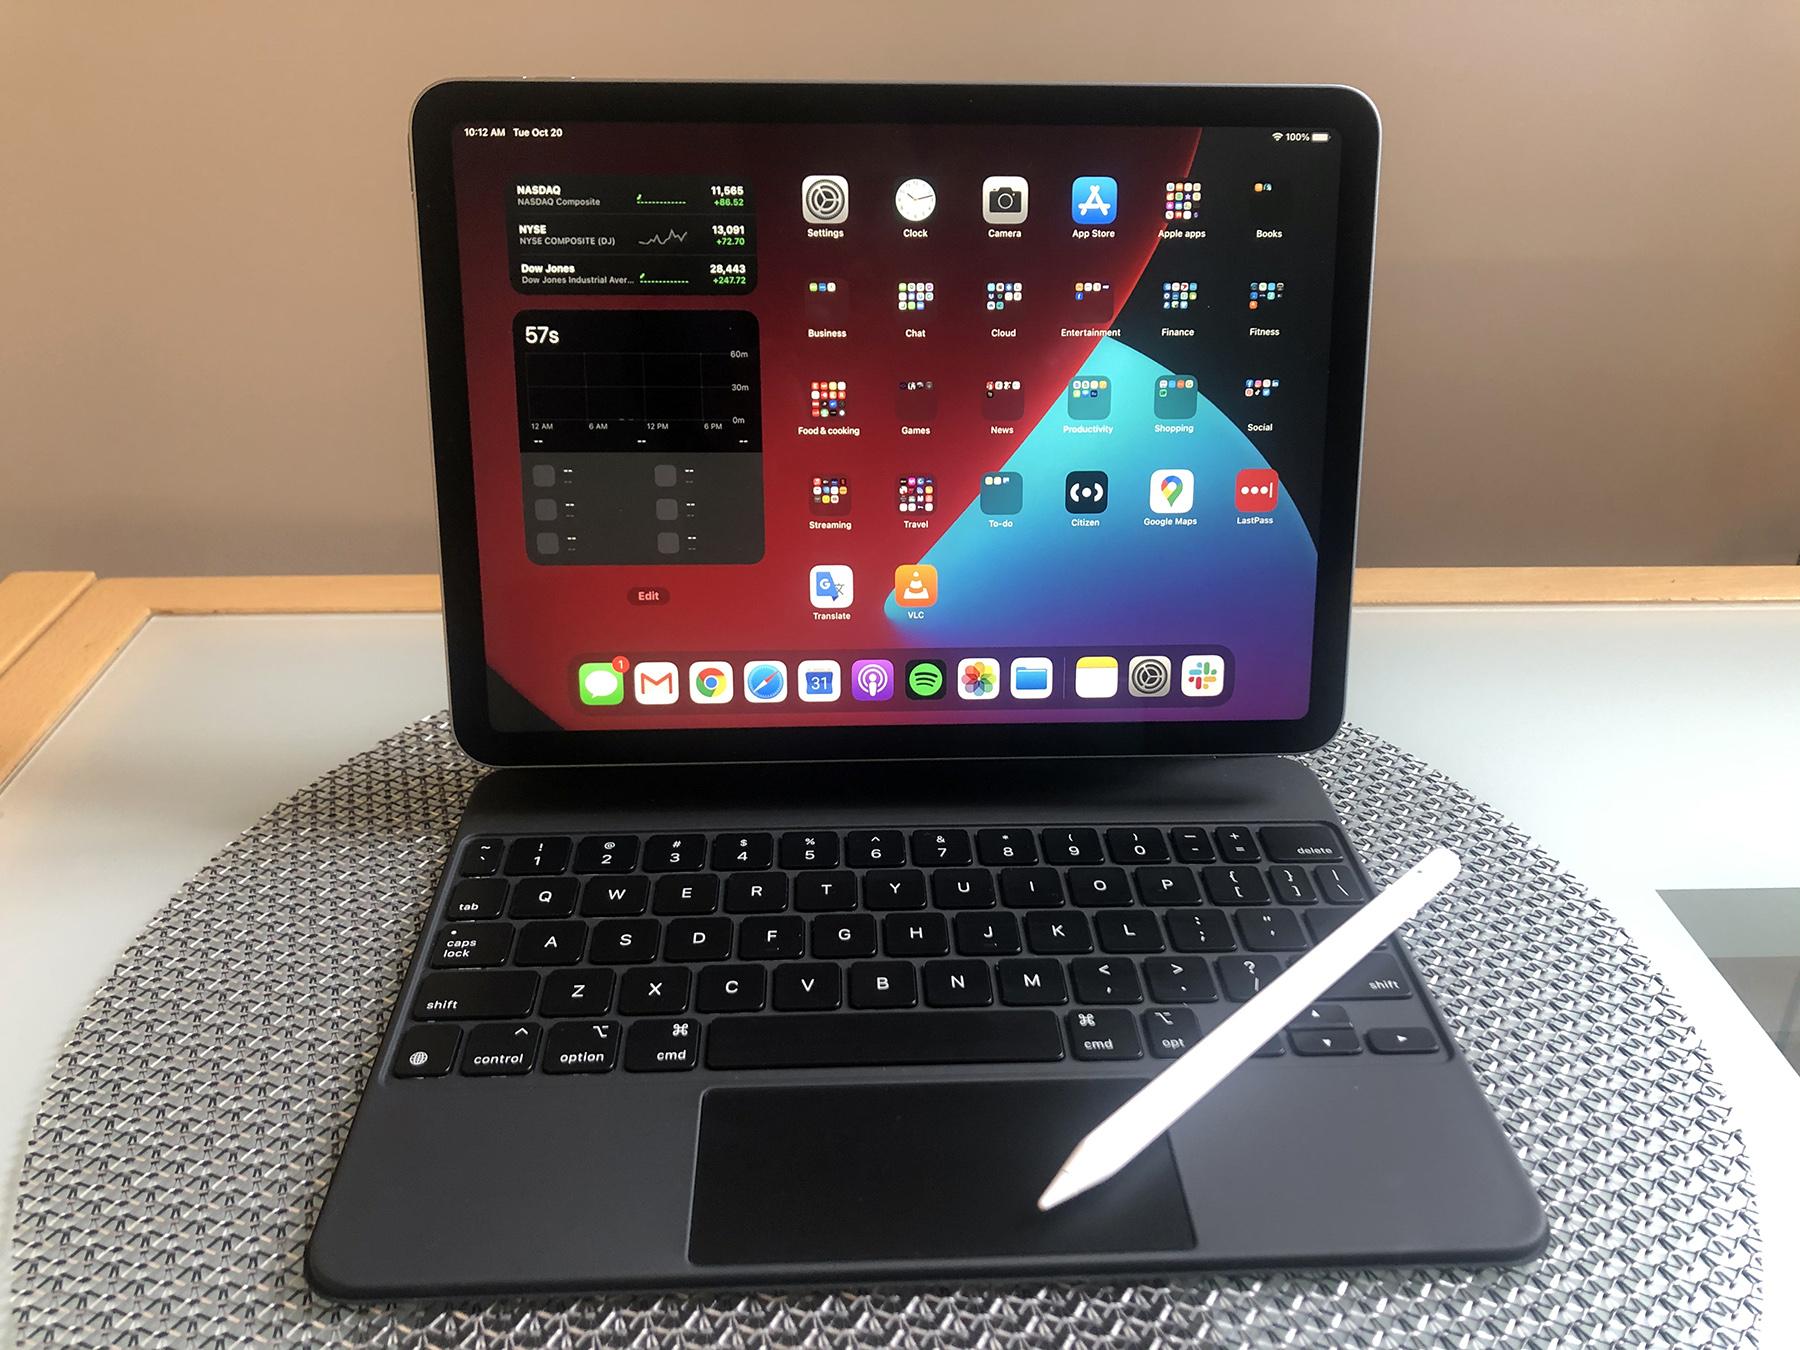 Apple'ın iPad Air'i şu anda 100$ indirimde ve haftanın geri kalanında en iyi teknoloji fırsatları | Engadget